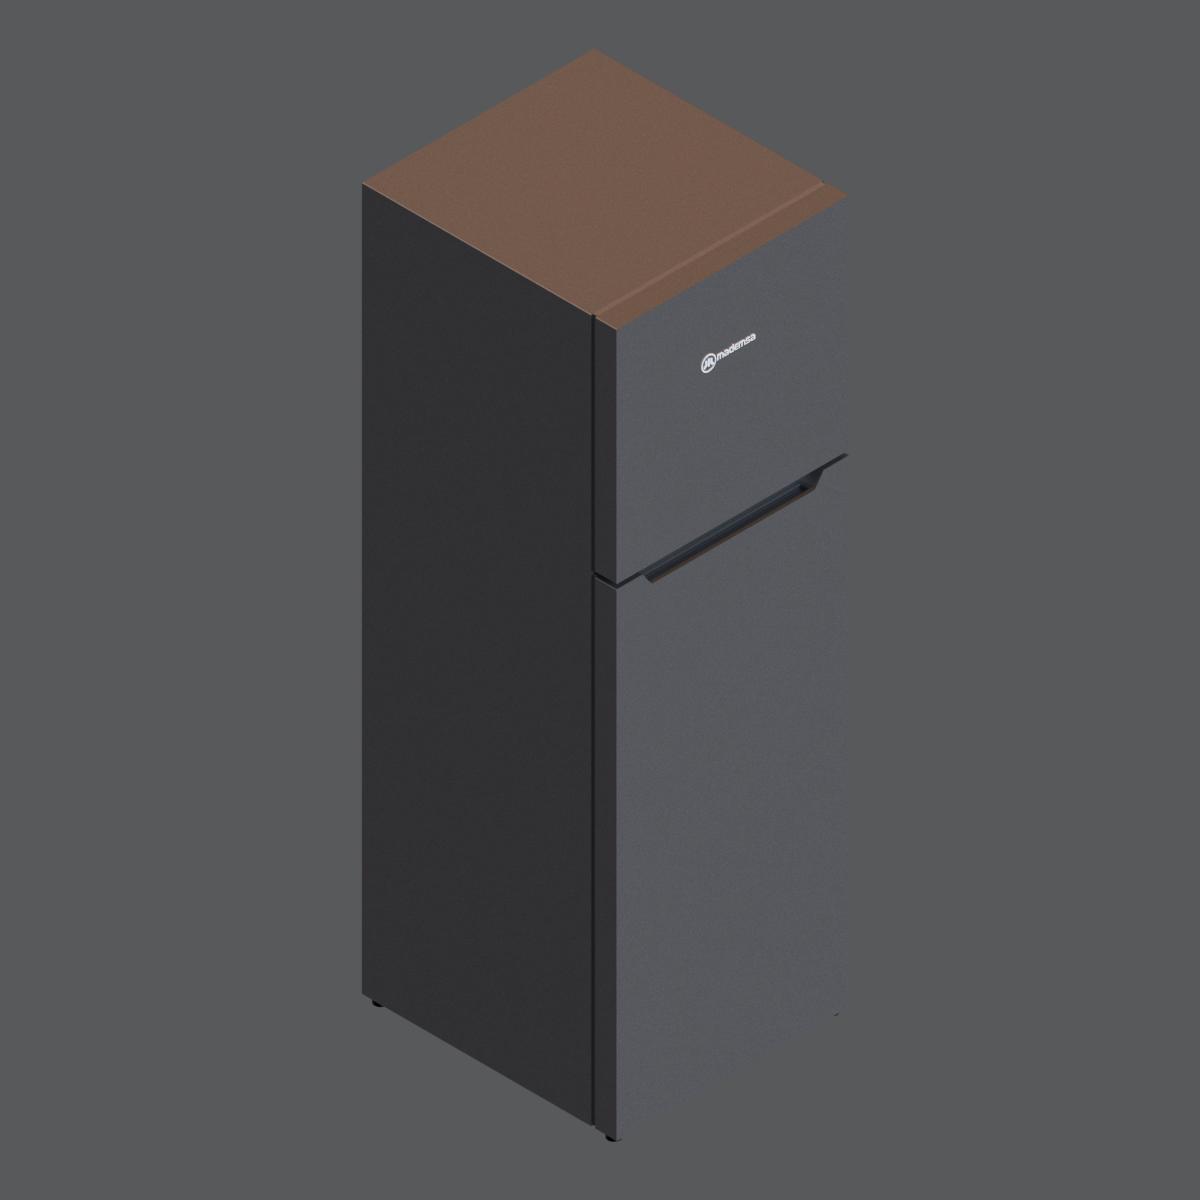 Refrigerador Mademsa No Frost Altus 1250 en BIM